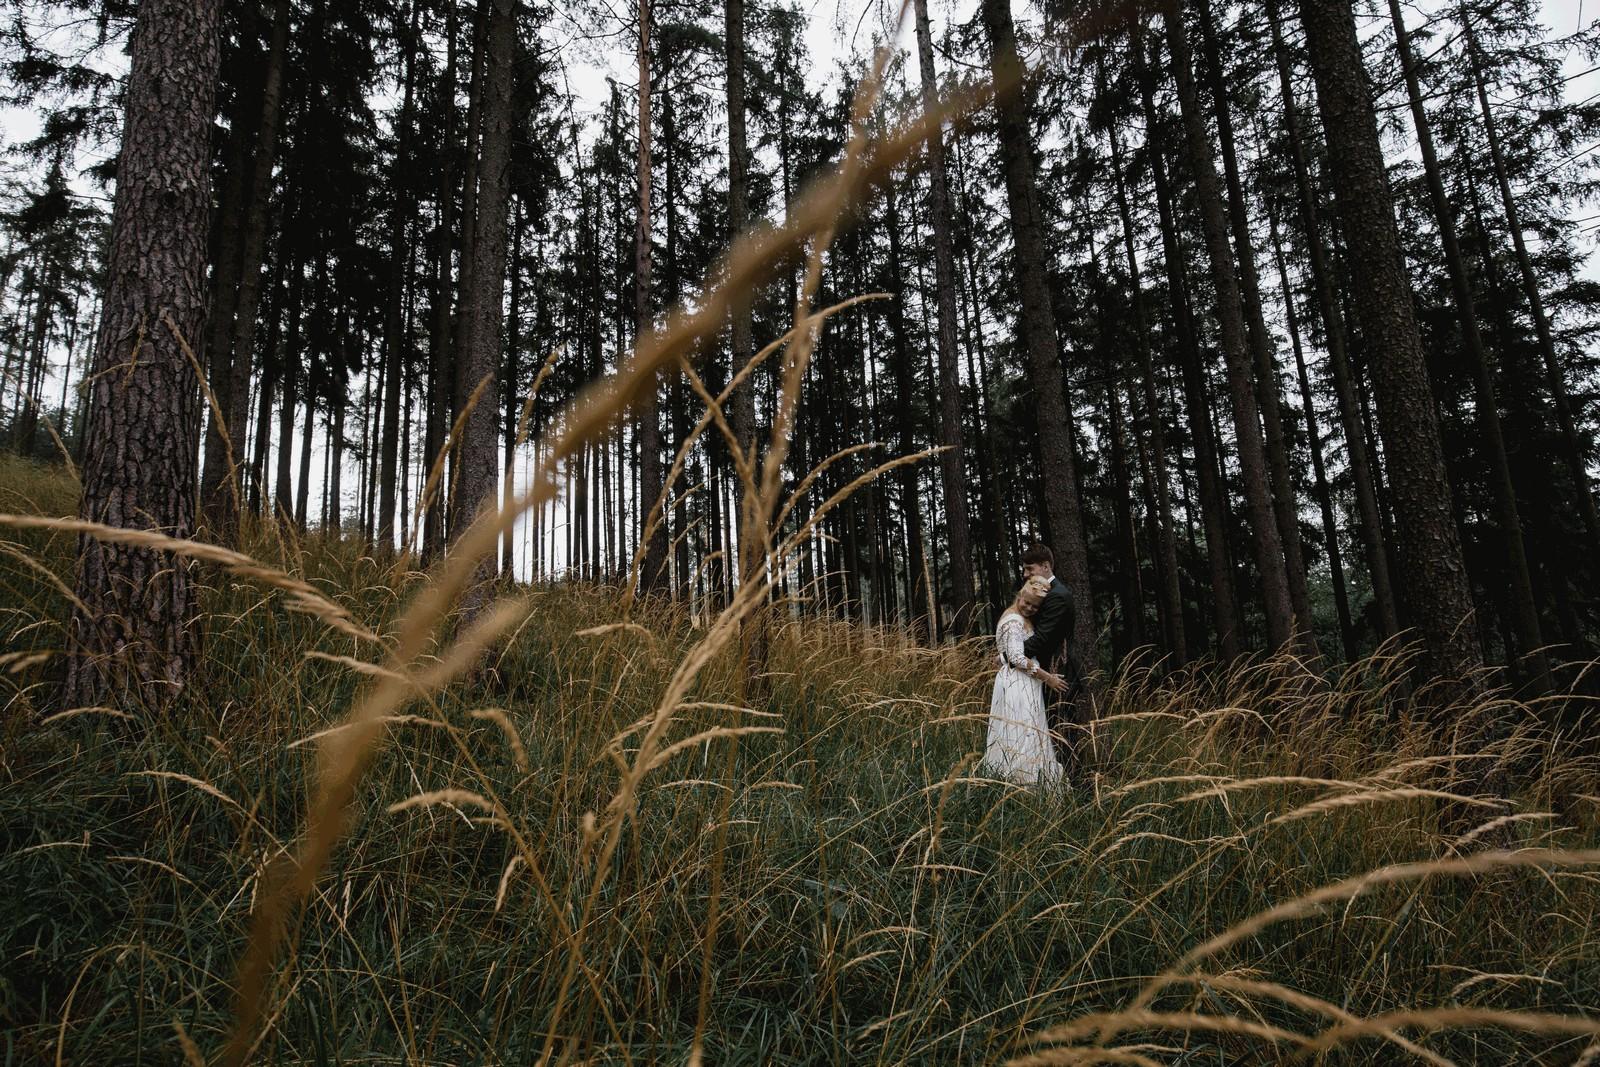 svatba, nalžovice, sedlčansko, svatební fotograf, deštivá svatba, covid19,yesme s chutí, vesnice,